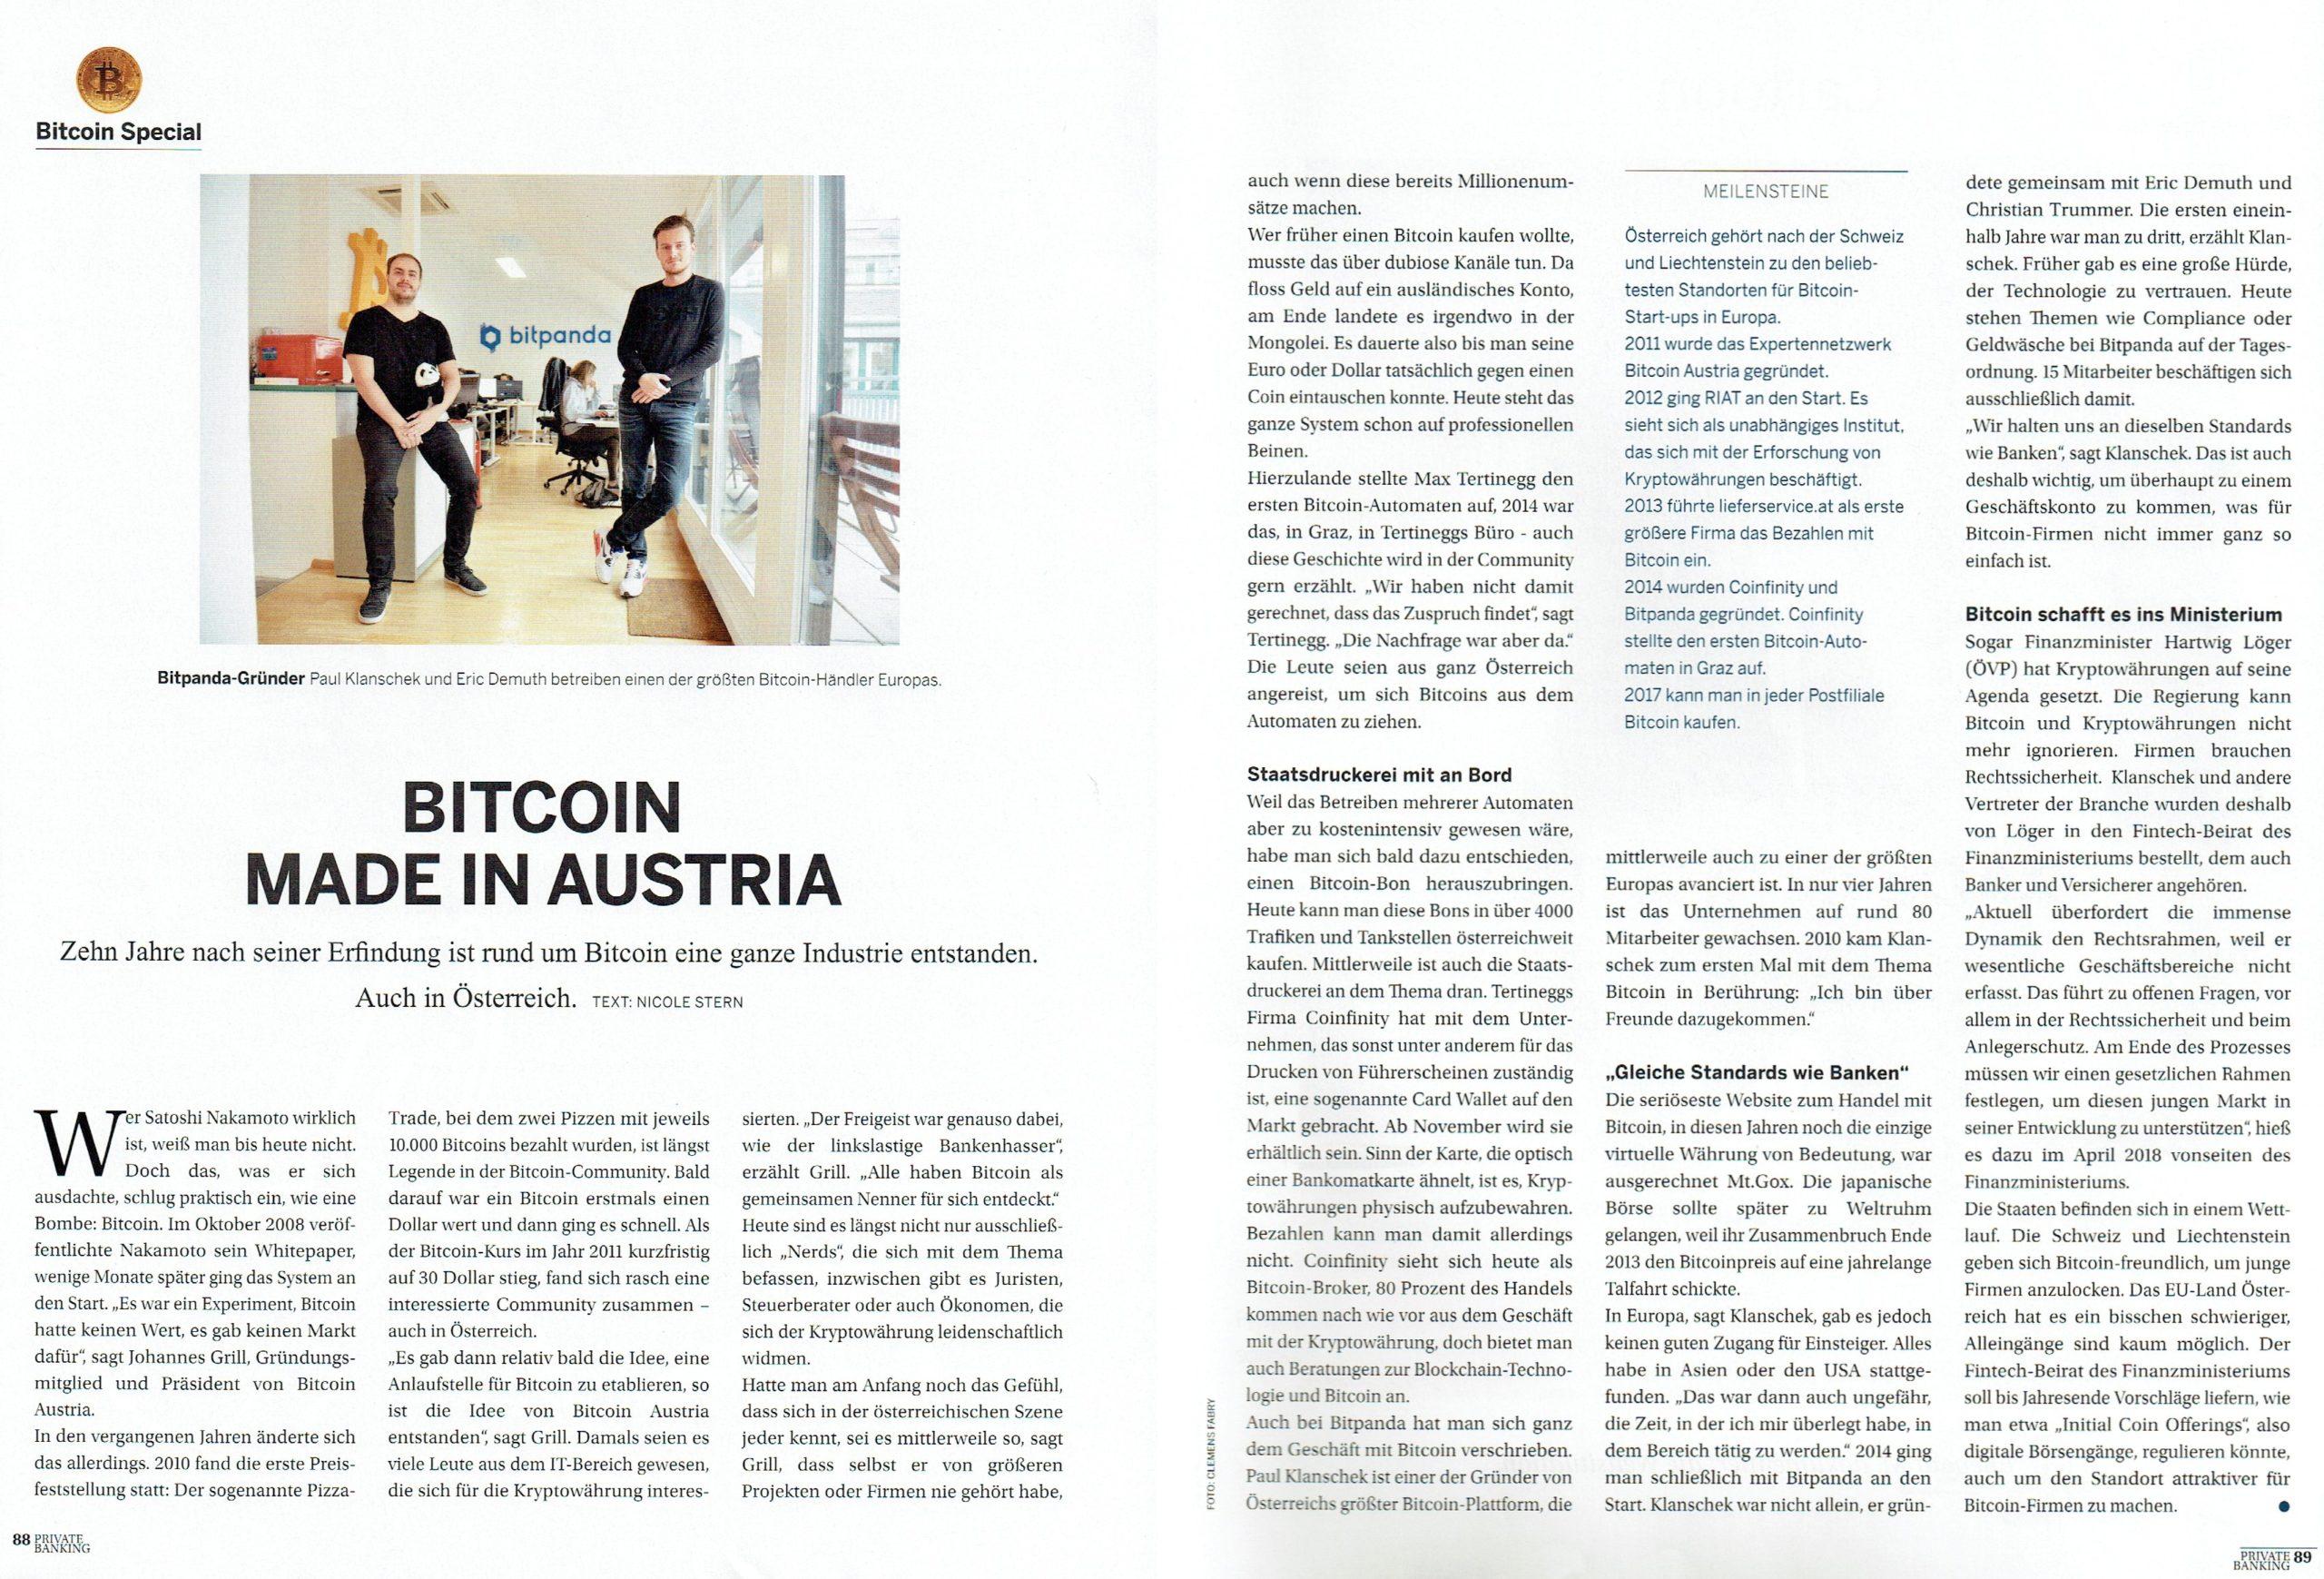 16.11.2018 Die Presse Private Banking Magazin über Bitcoin